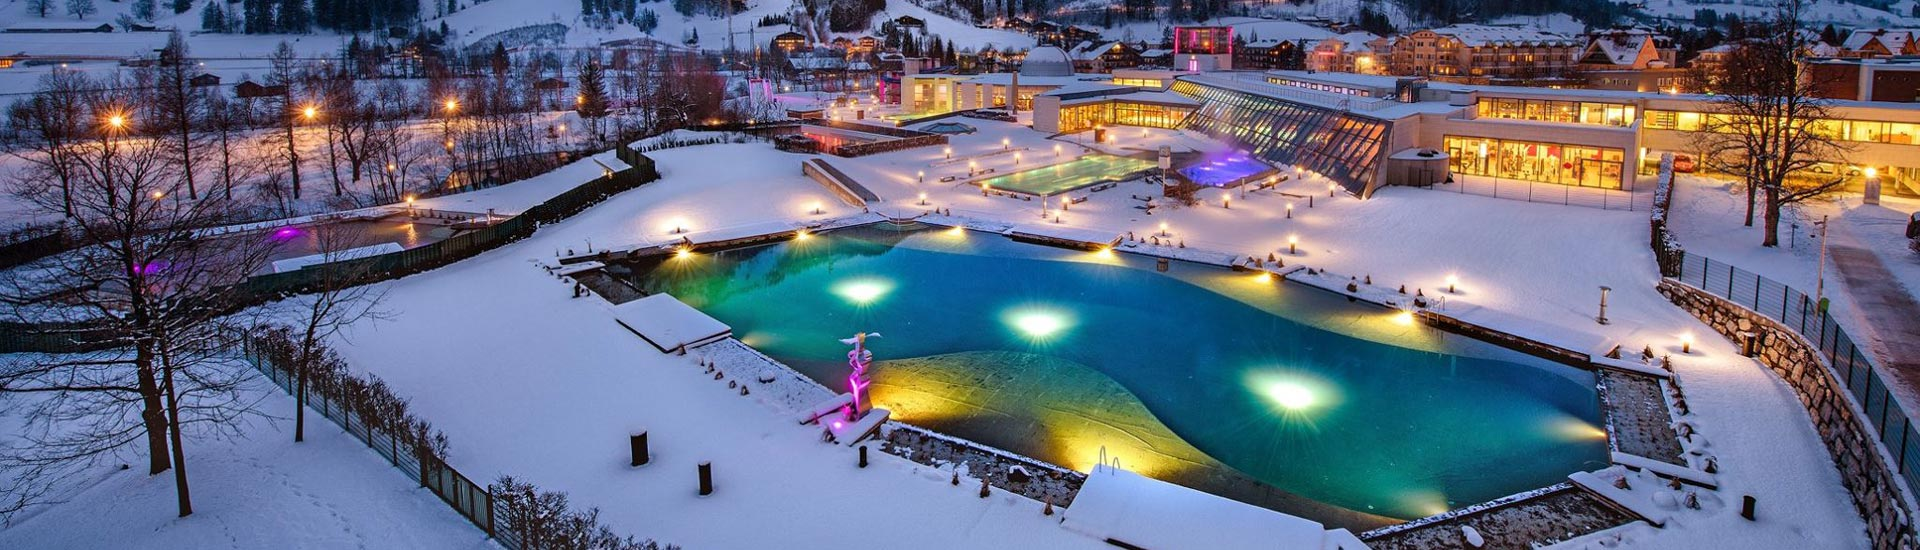 Genießen Sie Ihren Thermenurlaub in Gastein im Impuls Hotel Tirol